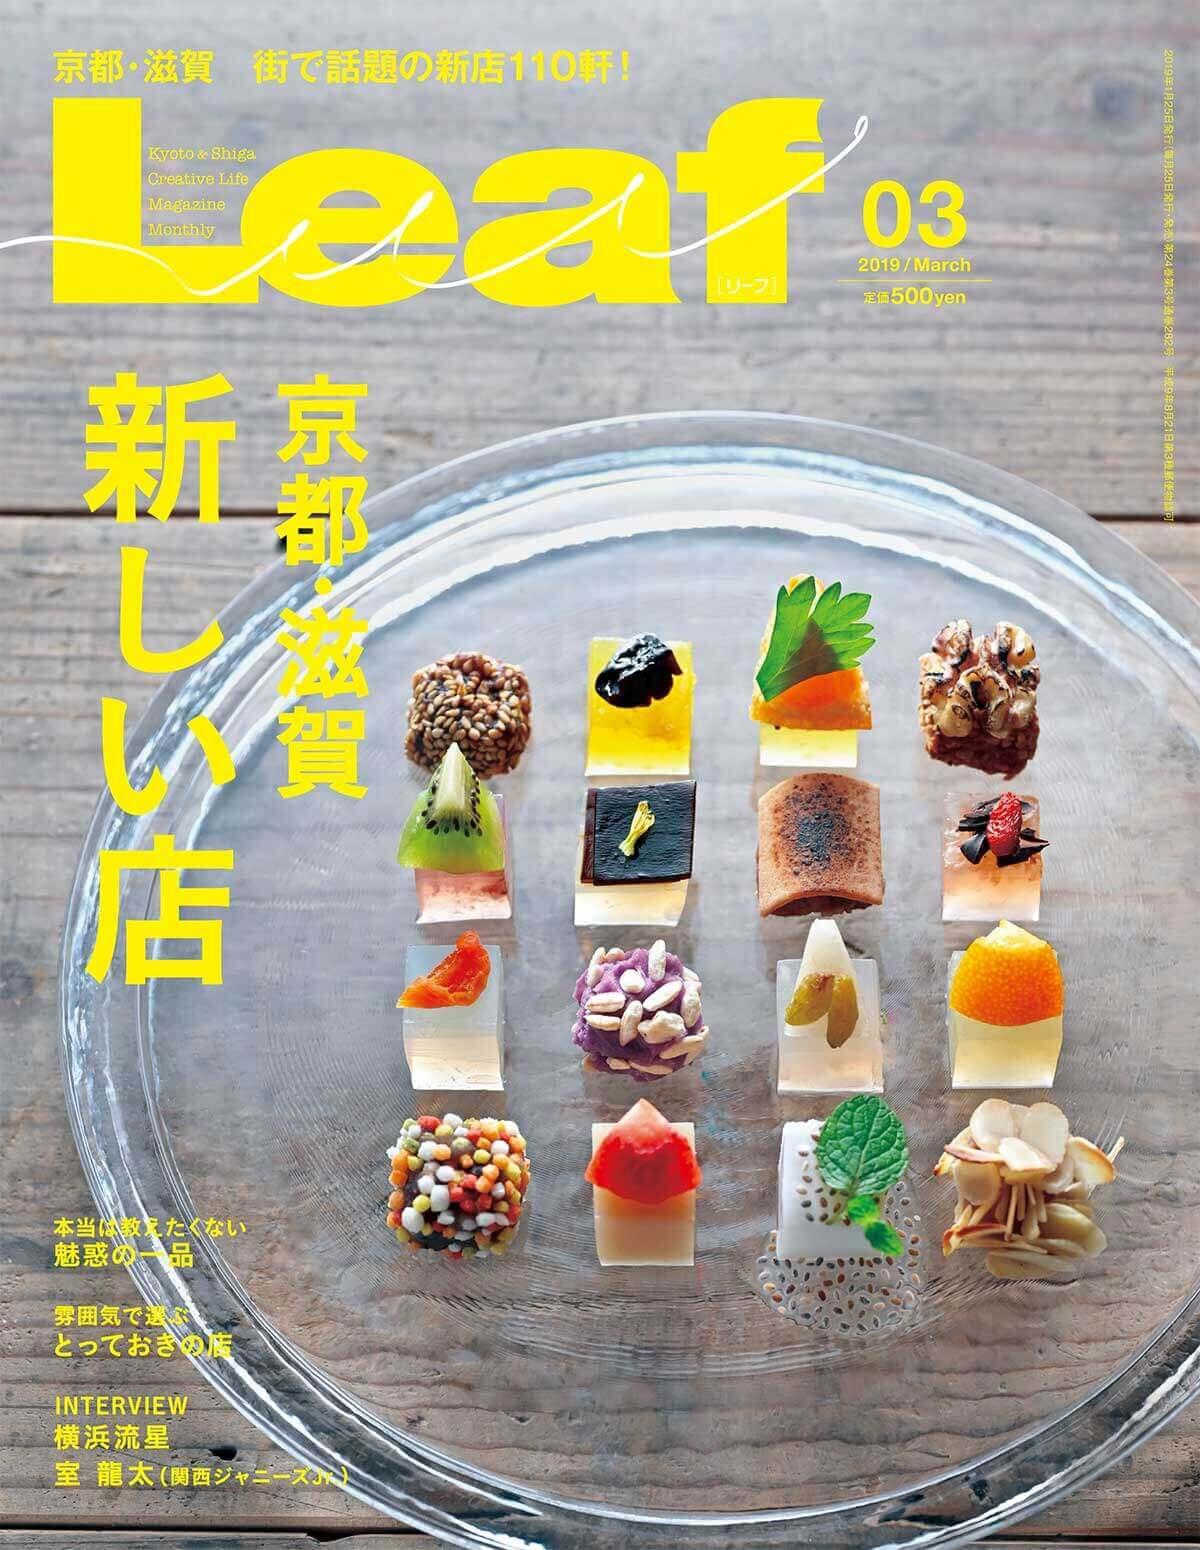 Leaf - 京都・滋賀 新しい店